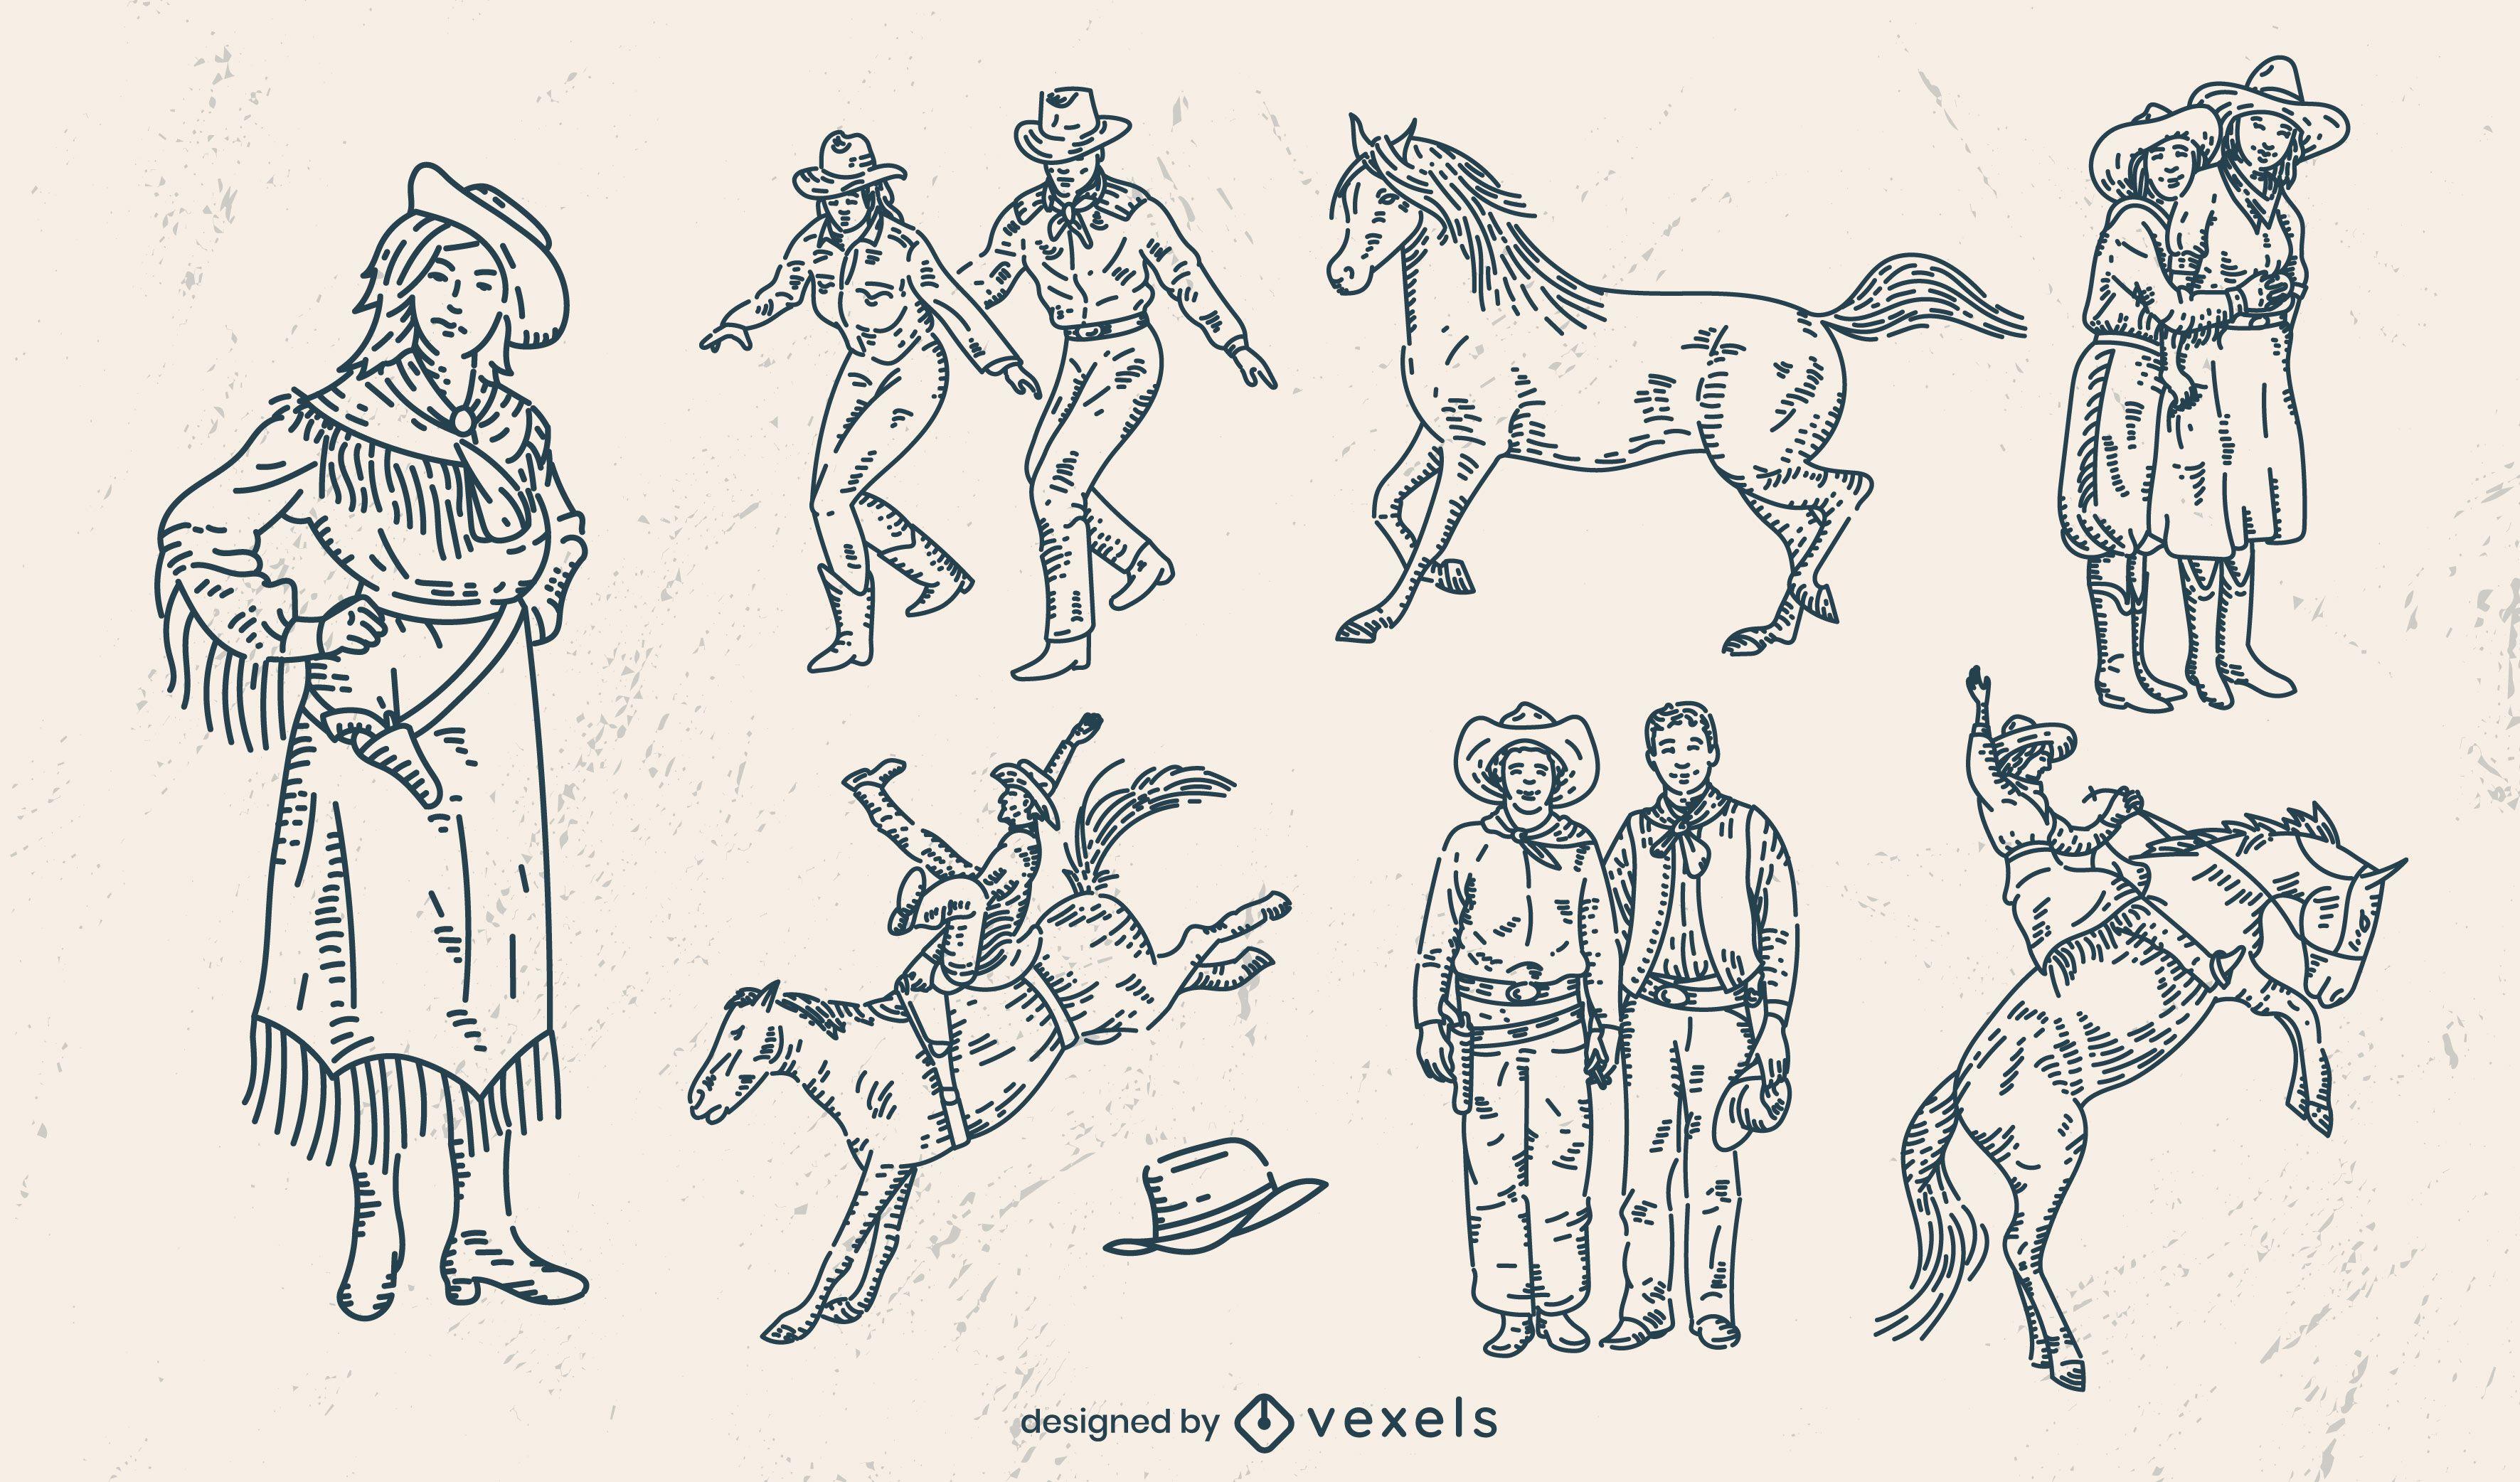 Ranch cowboys set of characters